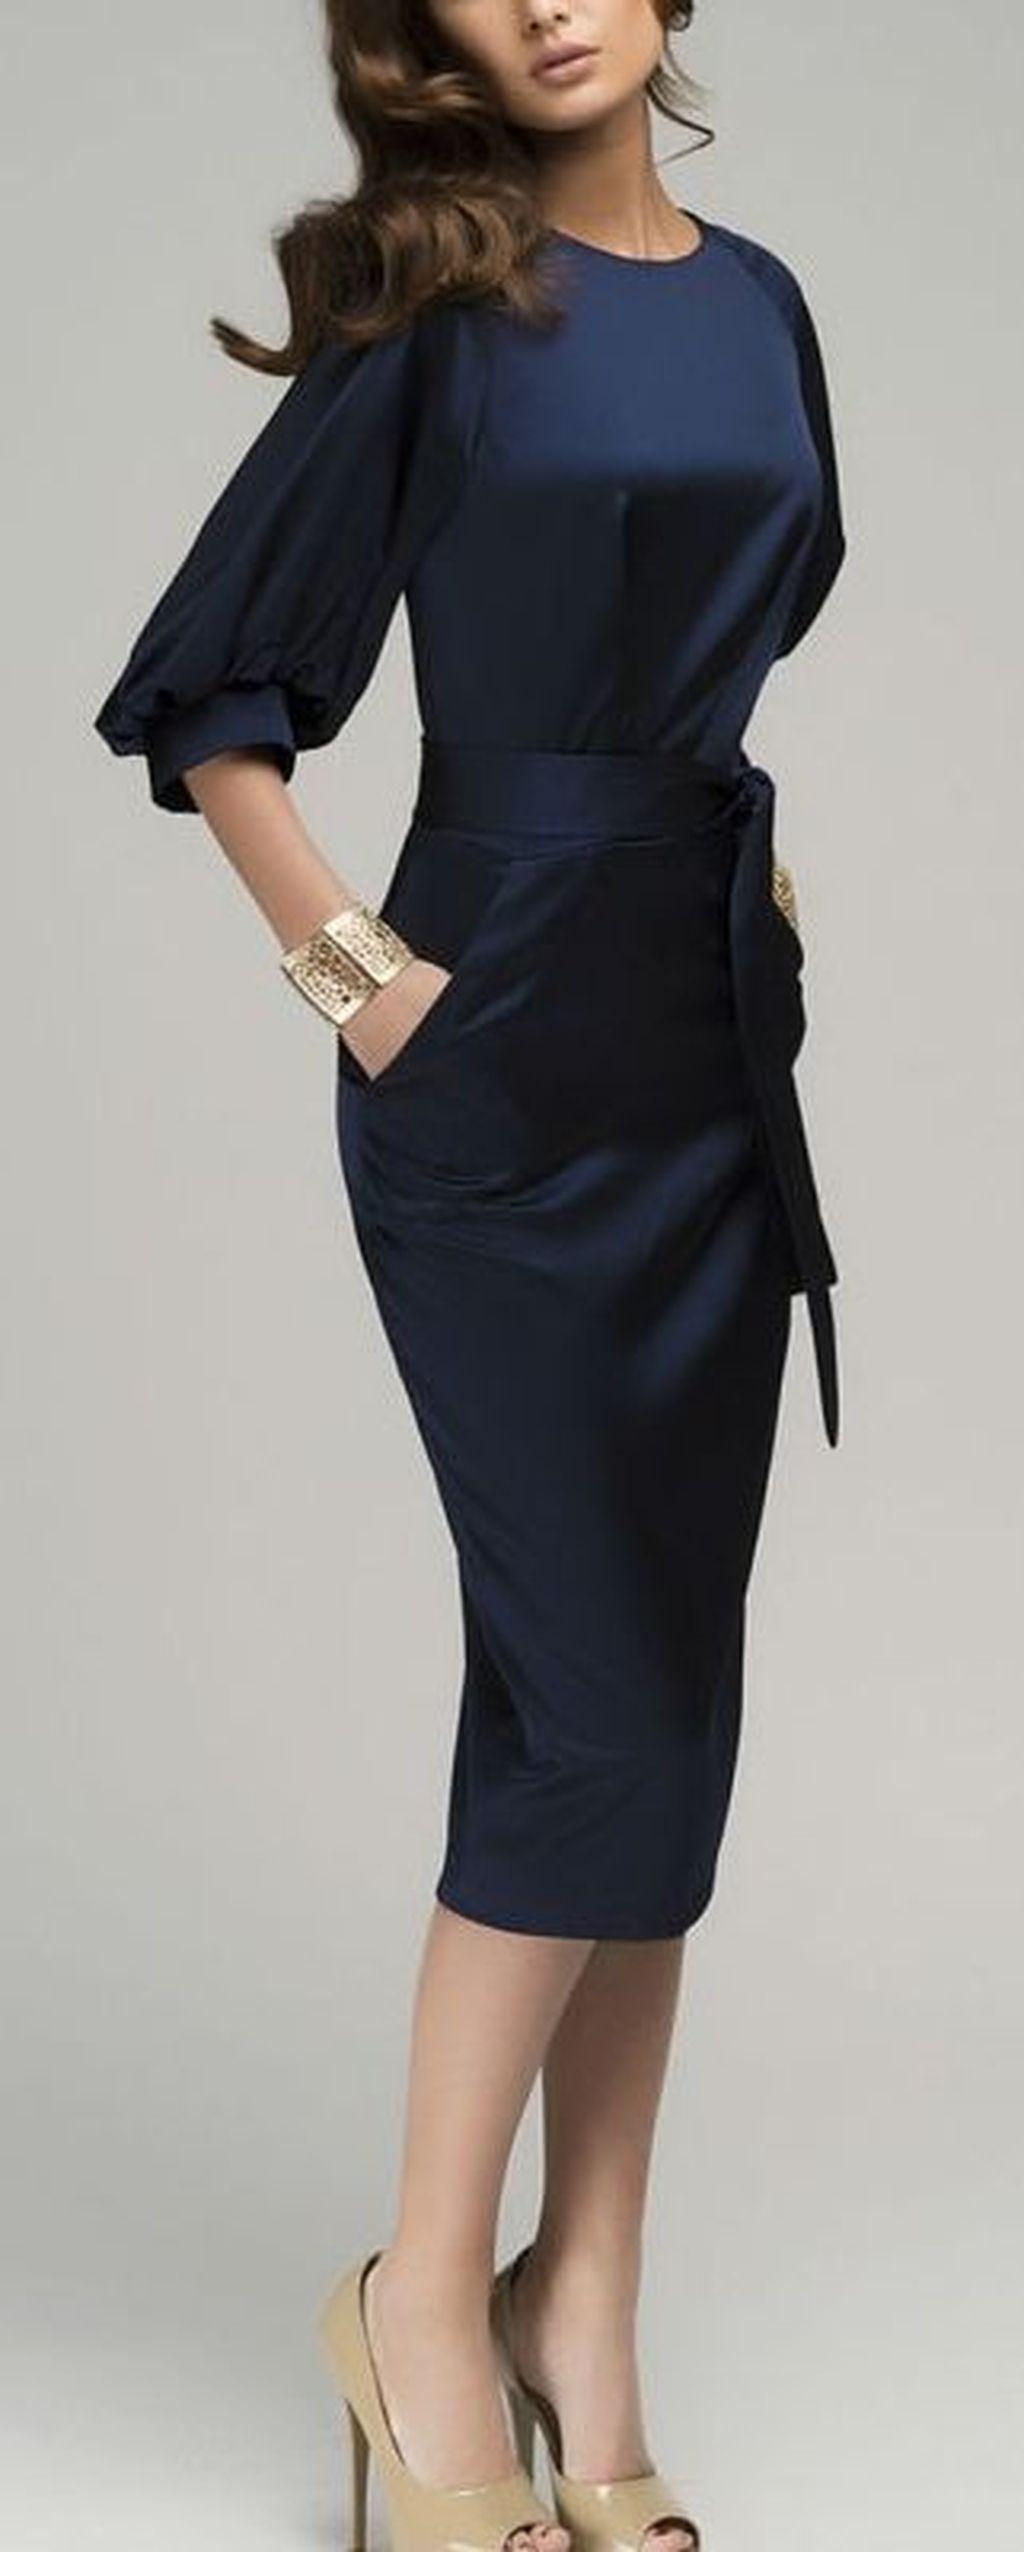 14+ Navy blue cocktail dress ideas info